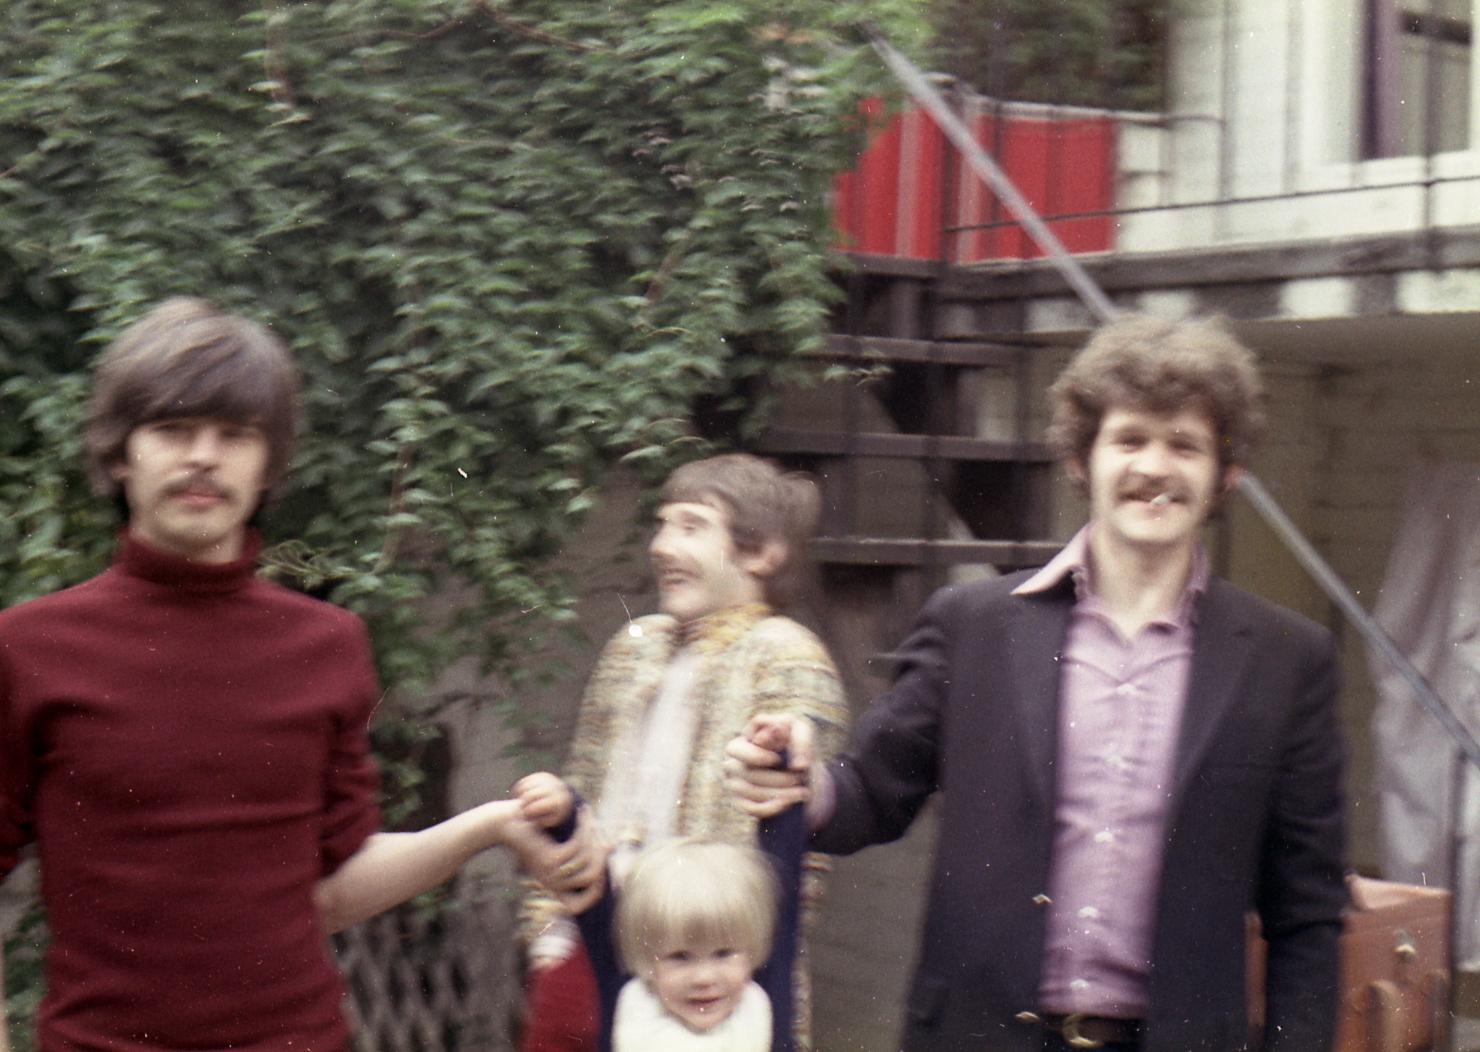 Tony, Denny Laine of The Moody Blues and Denny Cordell, Tony's mentor.